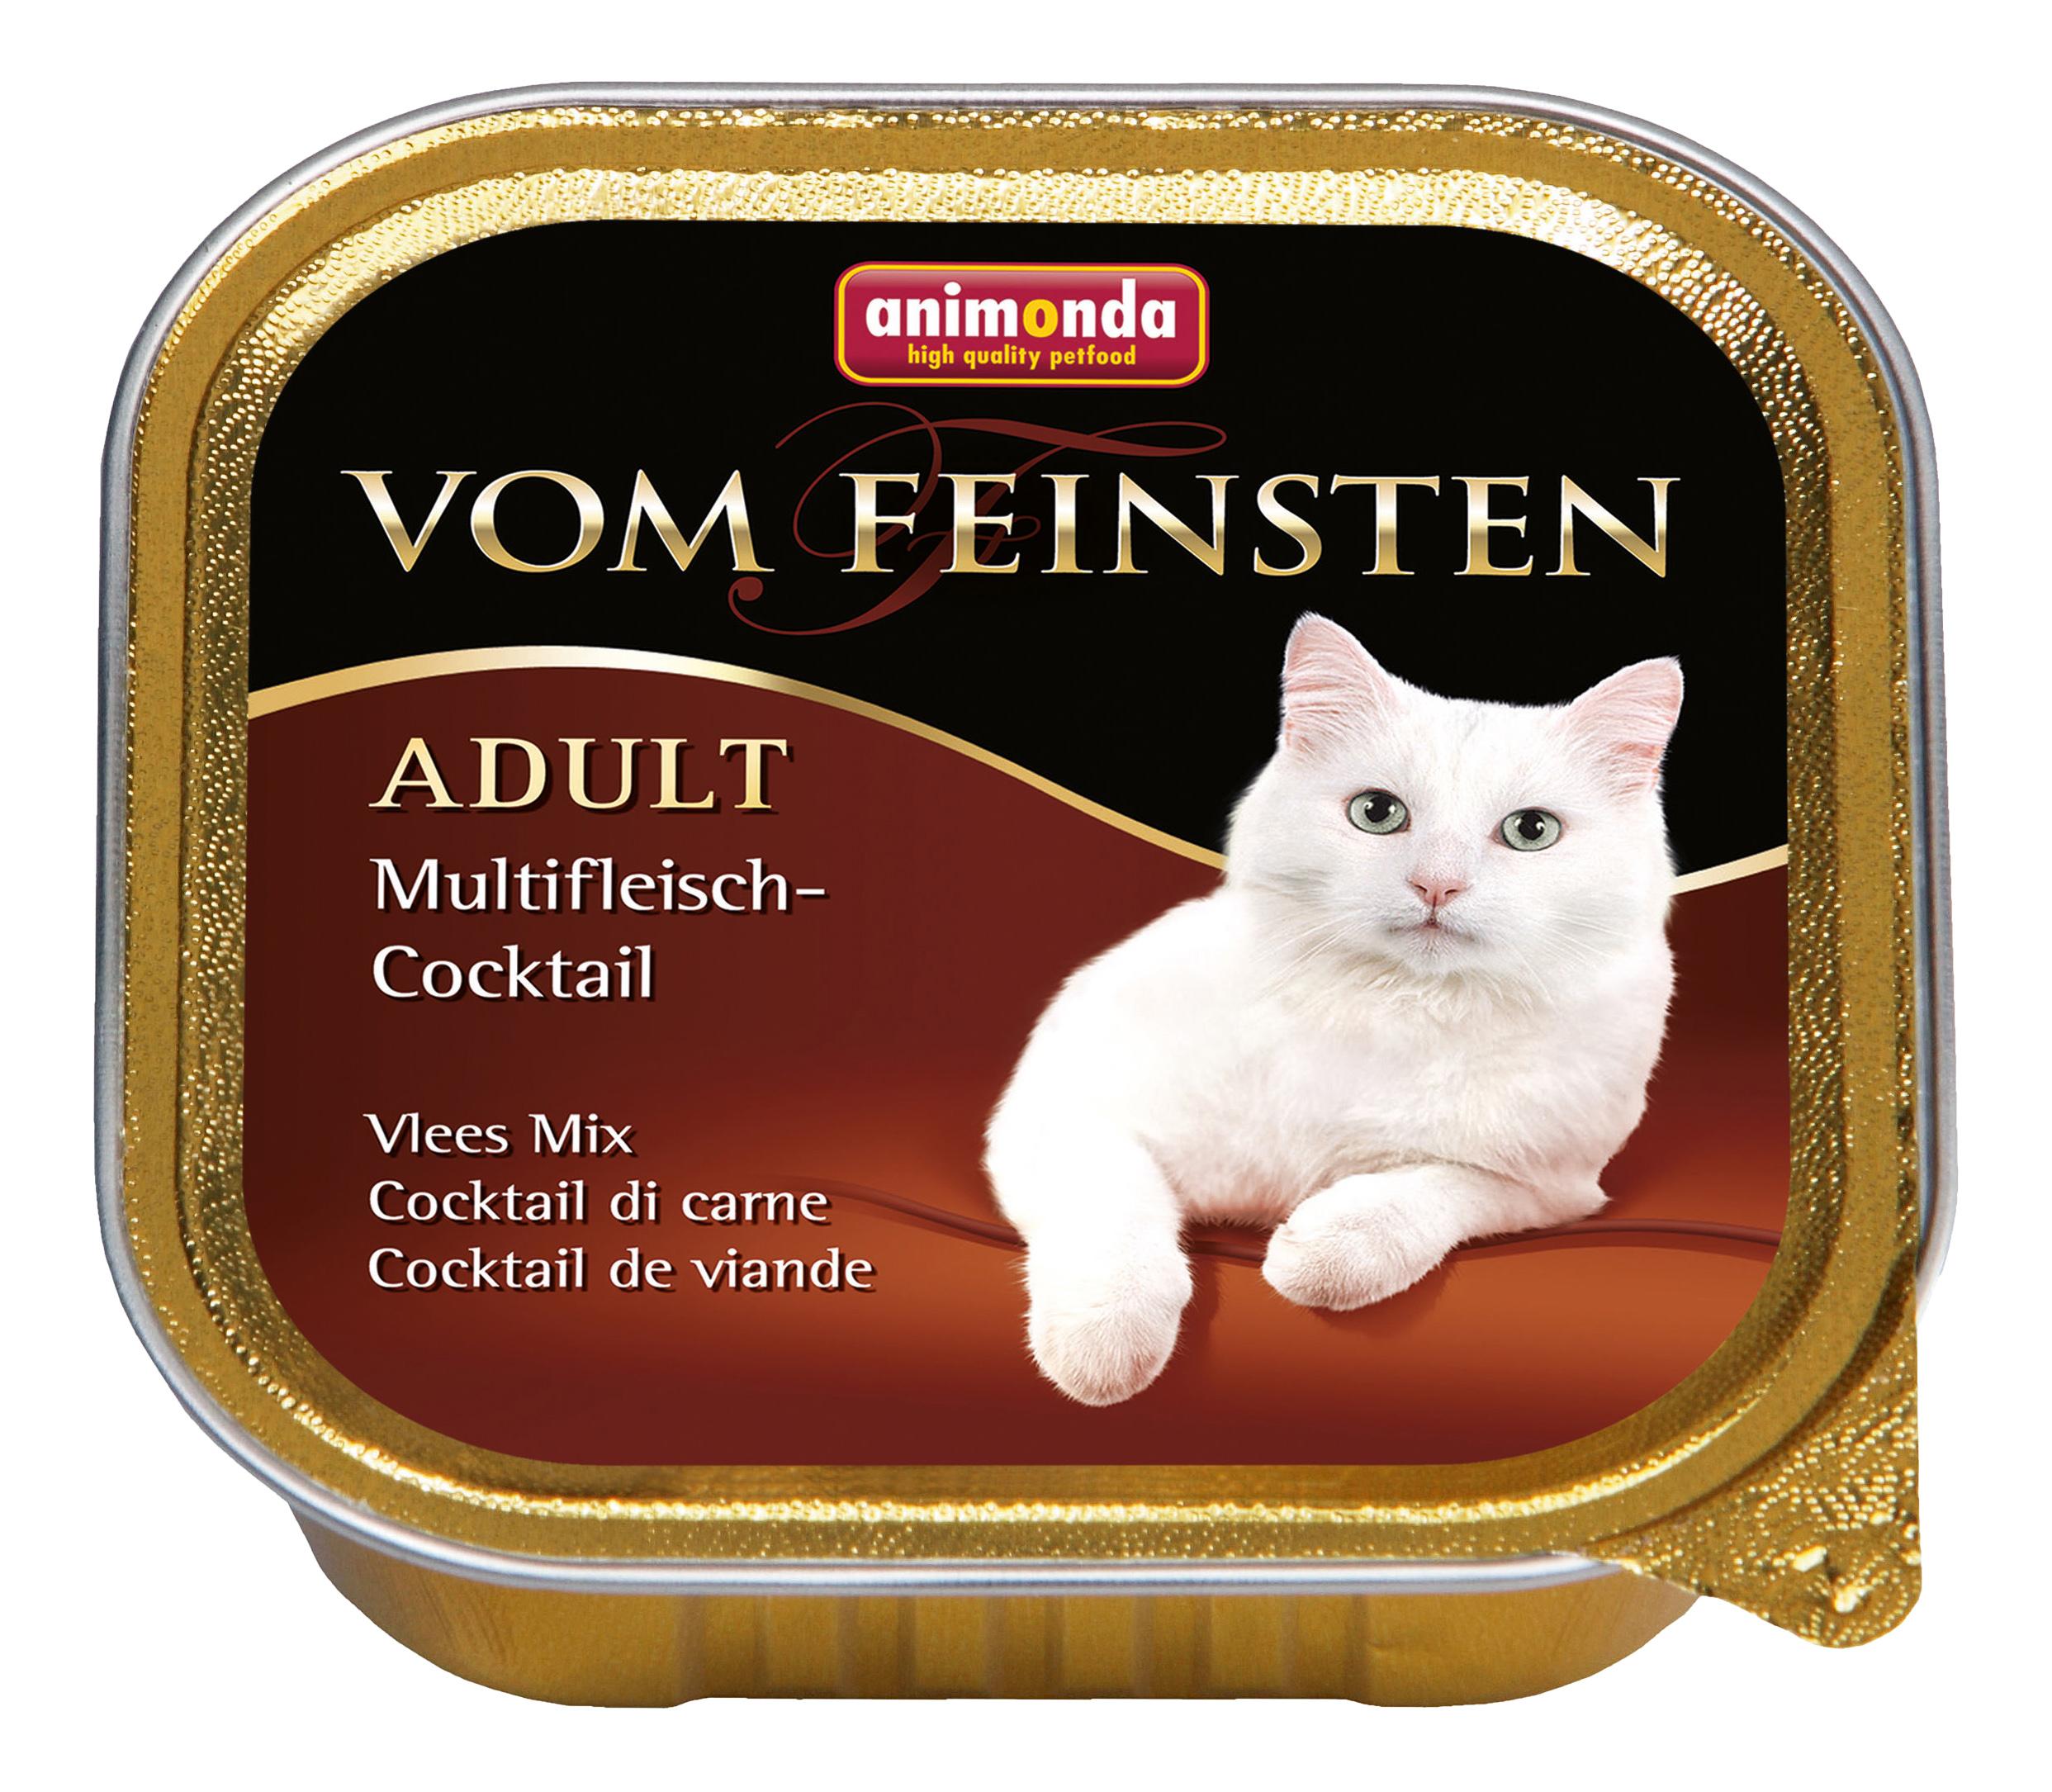 Консервы для кошек Animonda Vom Feinsten Adult, говядина, ягненок, индейка, 32шт, 100г фото